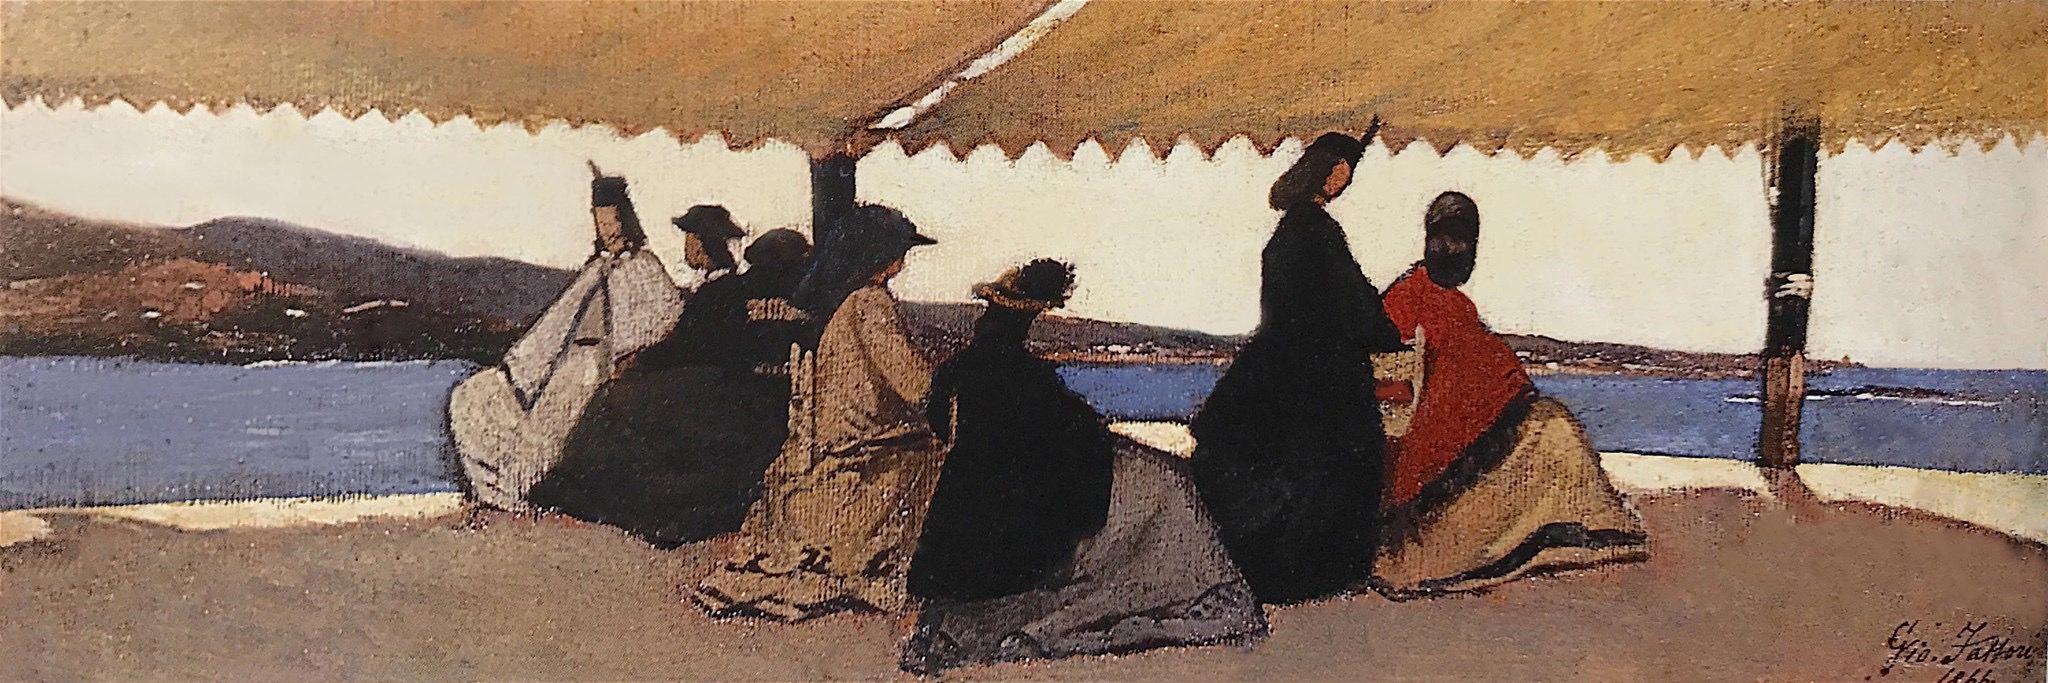 Giovanni Fattori  (Livorno 1825 - Firenze 1908) Le Rotonda di Palmieri, 1866  Firenze, Galleria d'Arte Moderna, Palazzo Pitti